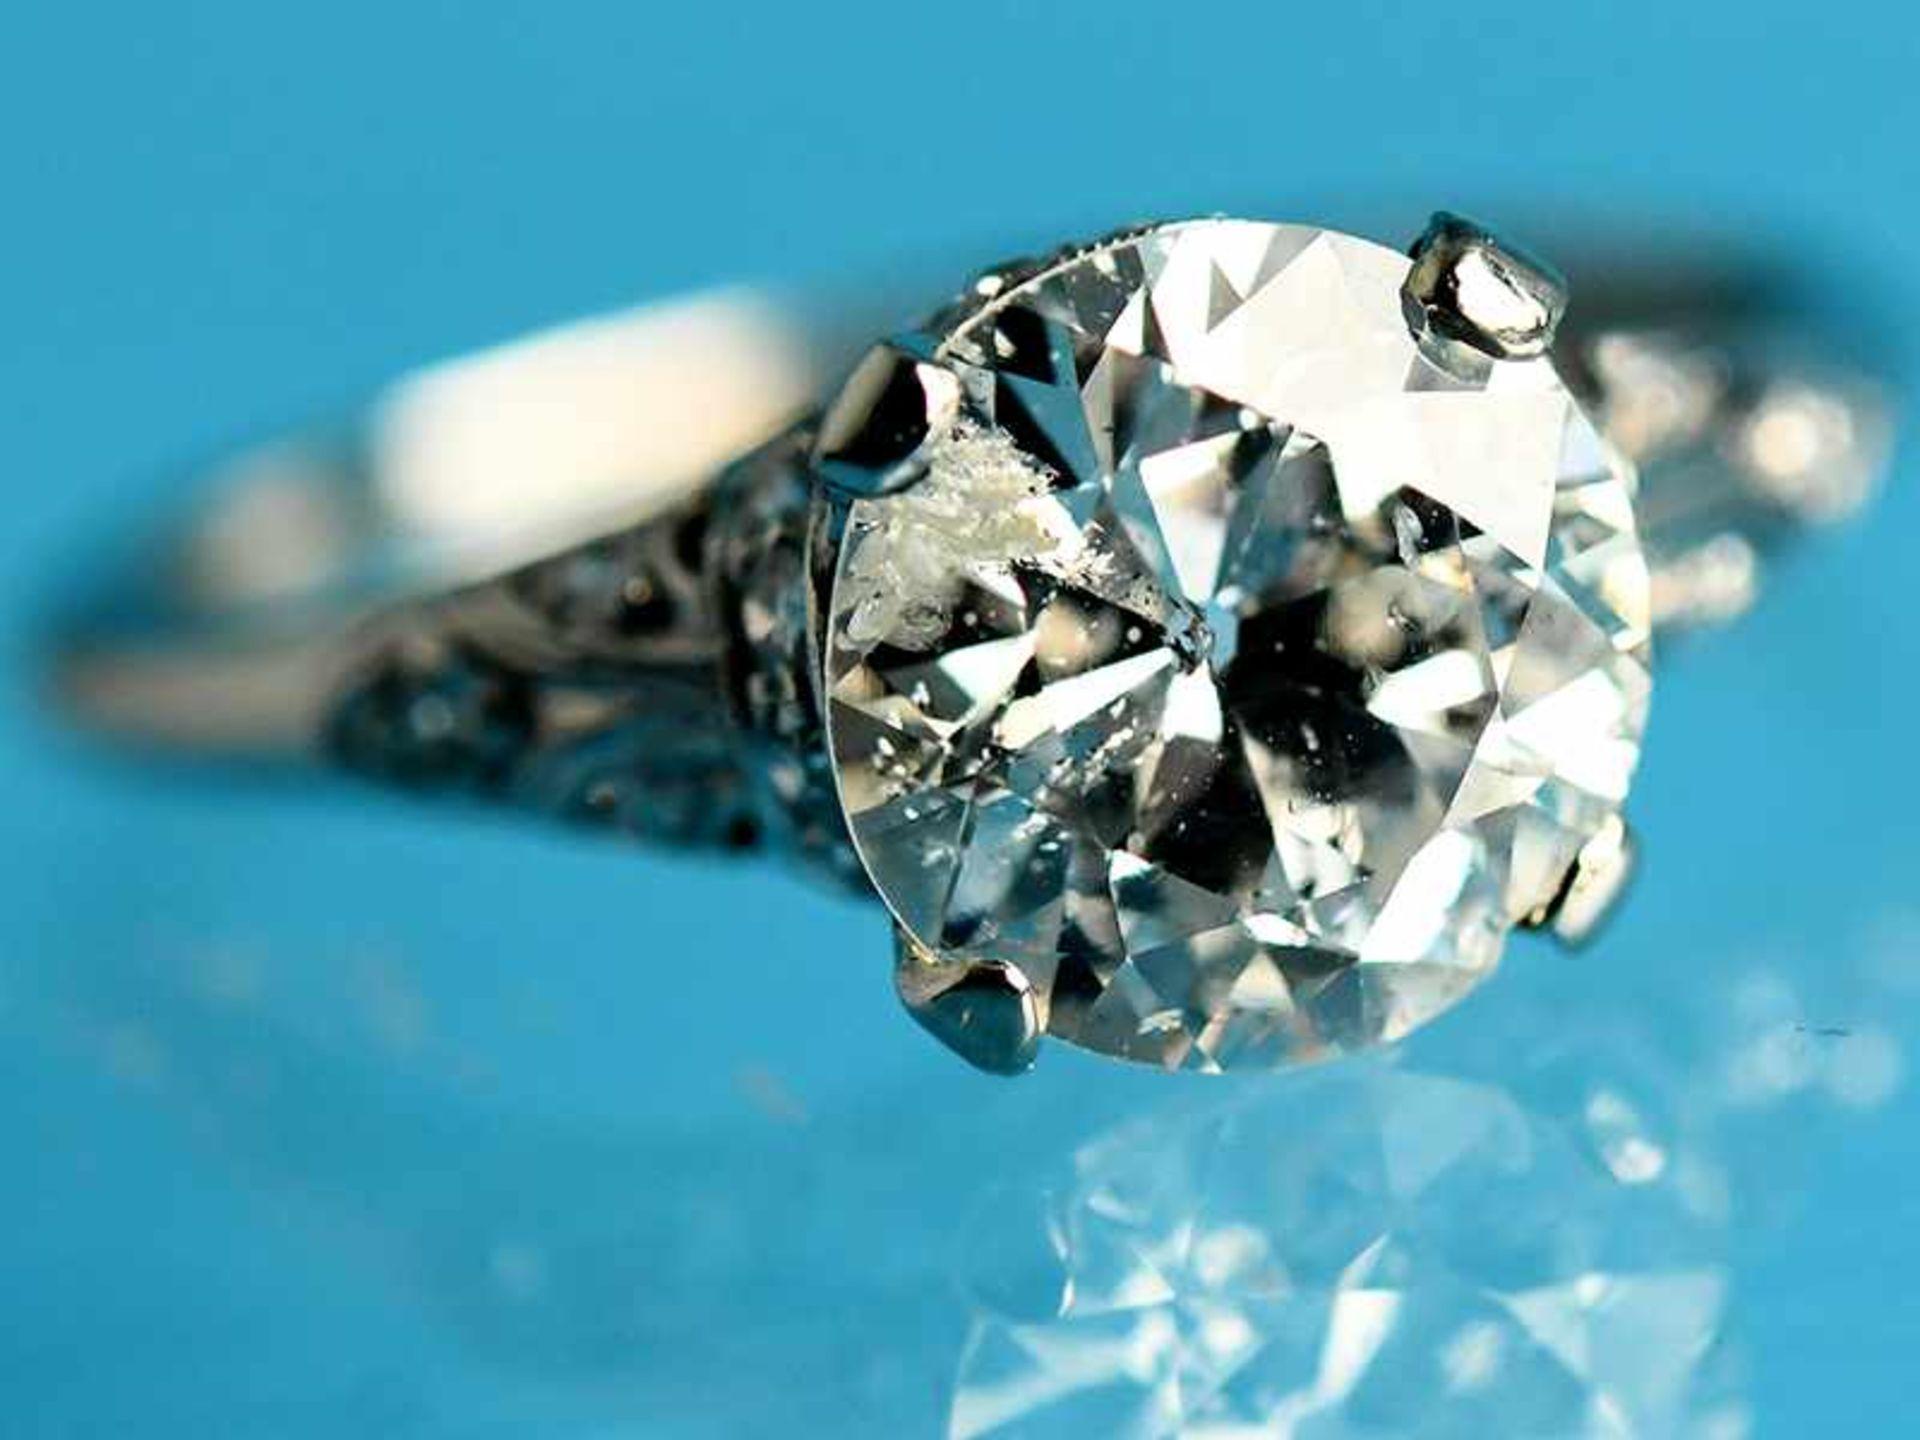 Solitärring mit Altschliff-Diamant ca. 2,53 ct, Art Deco Platin. Gesamtgewicht ca. 4,6 g. Leicht